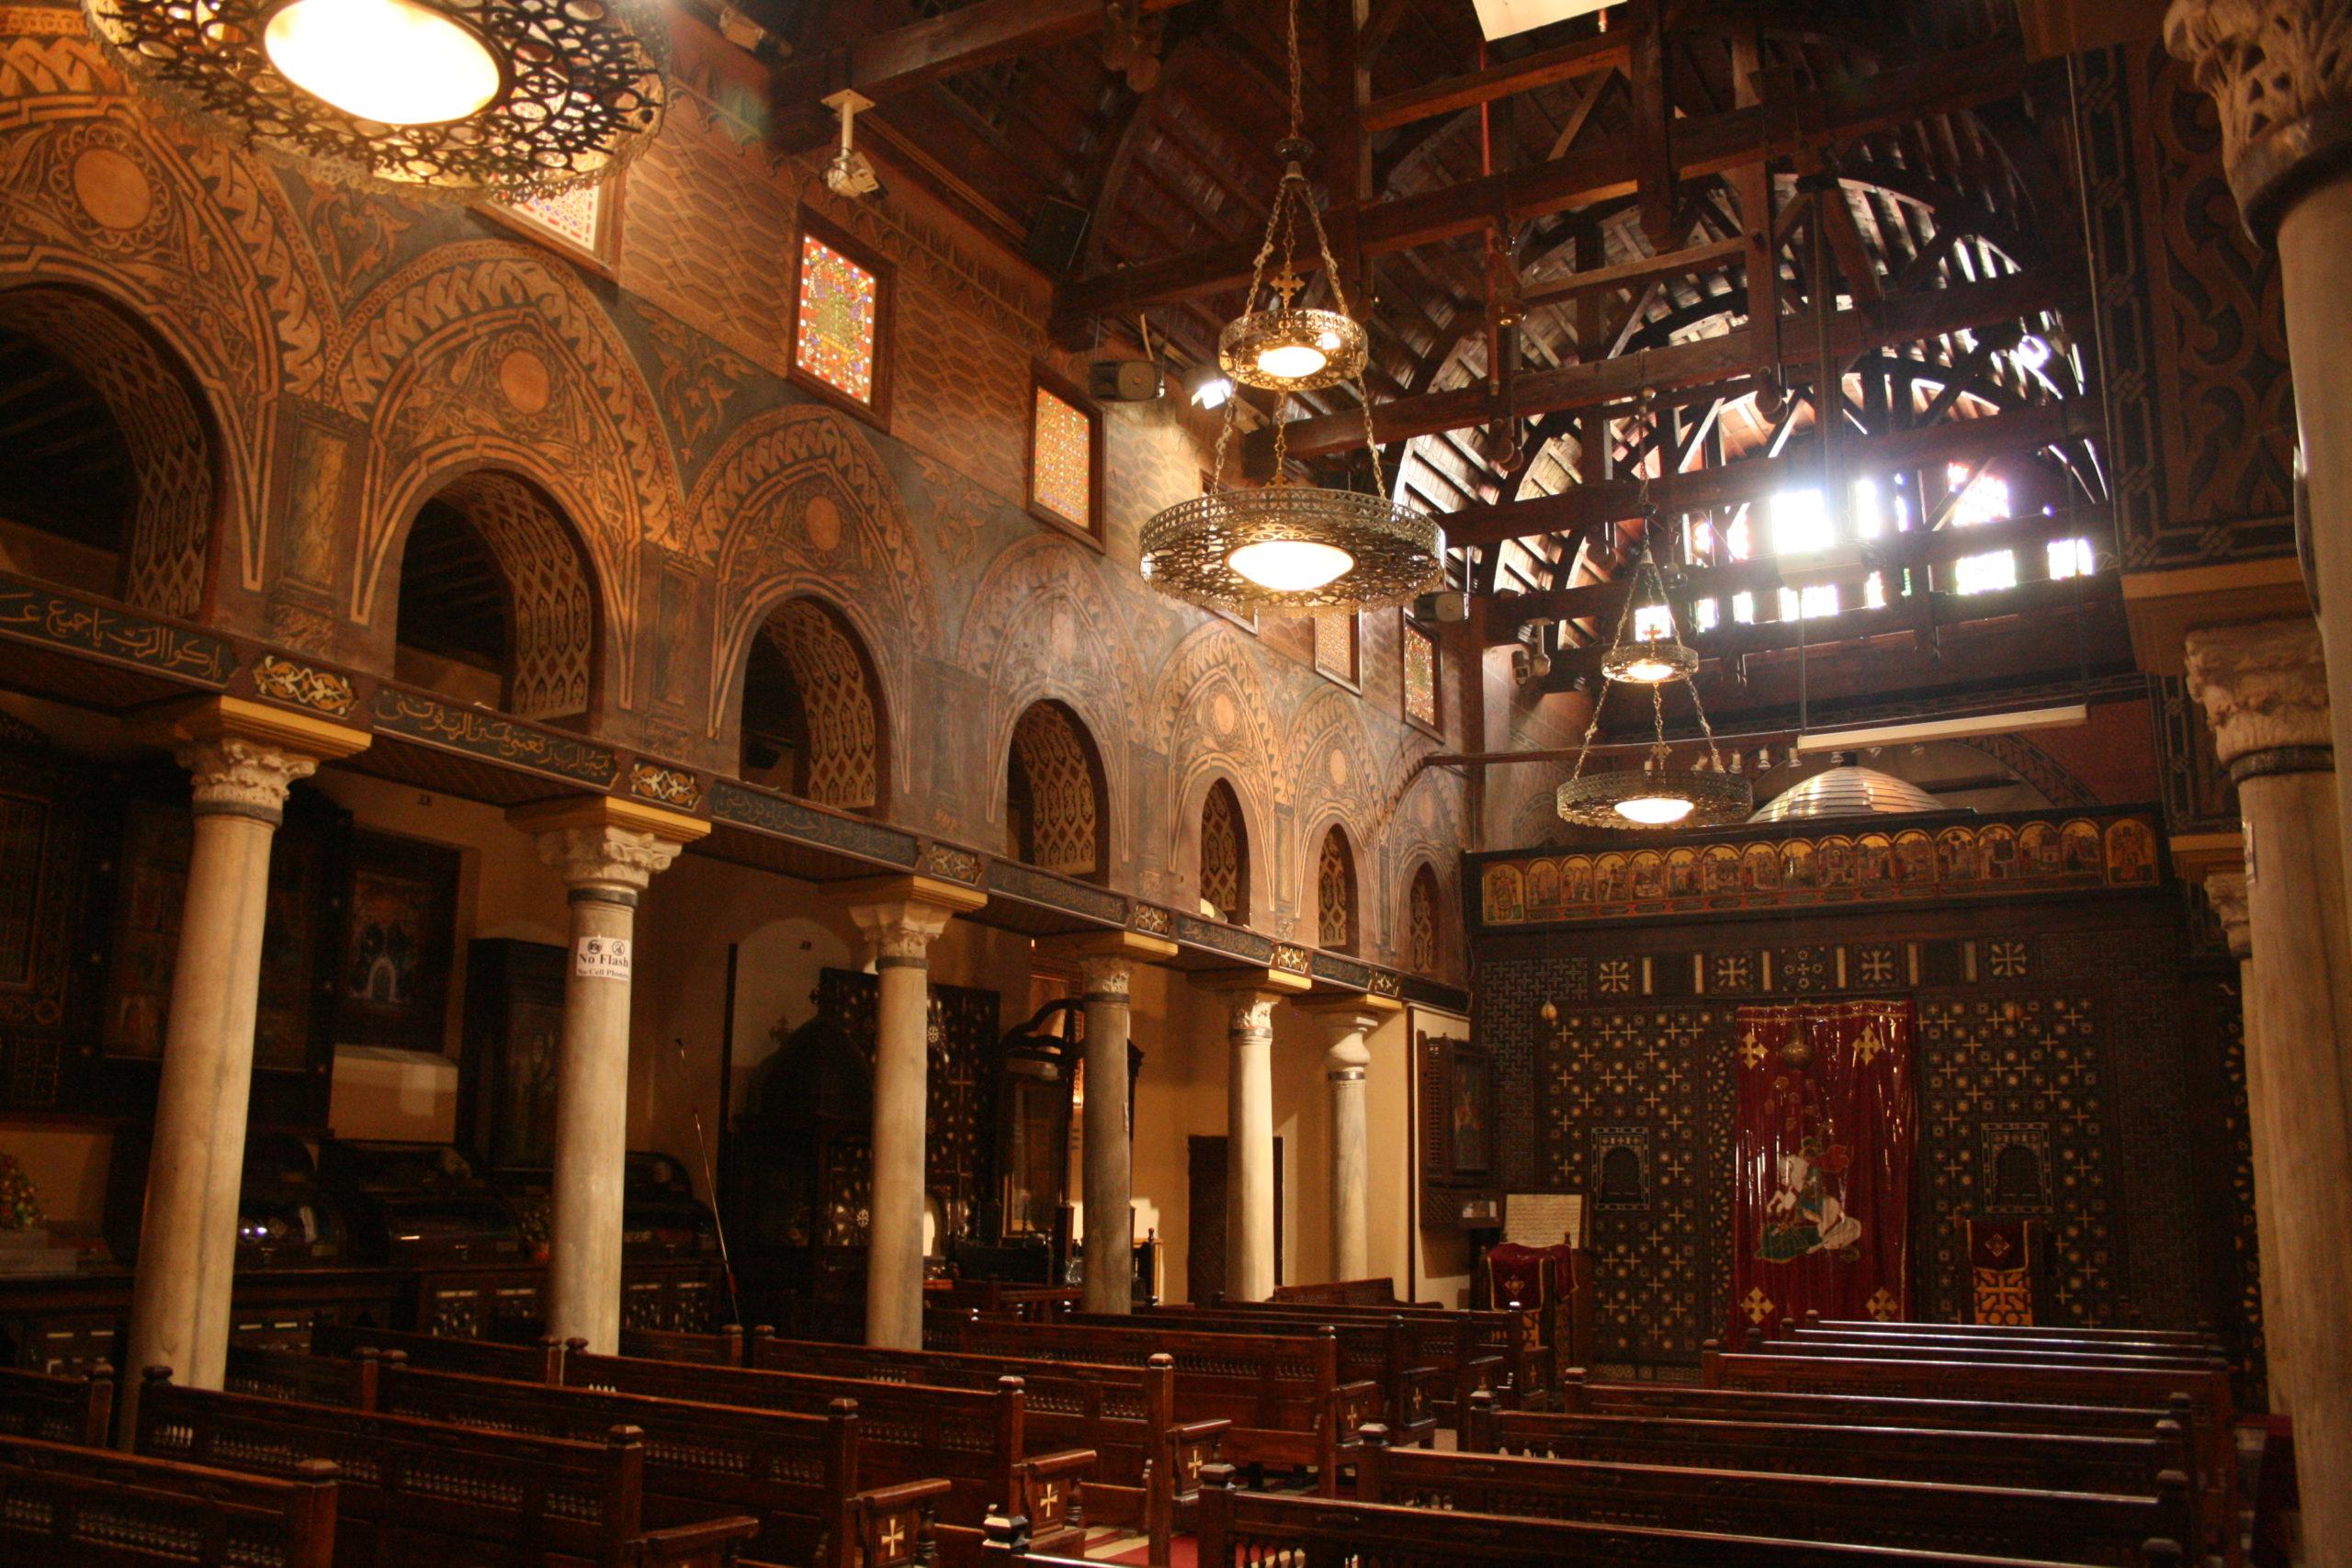 Hnaging Church , Coptic Cairo, old Cairo, Church of St. Marry, coptic cairo tour, trip to coptic cairo, cairo churches